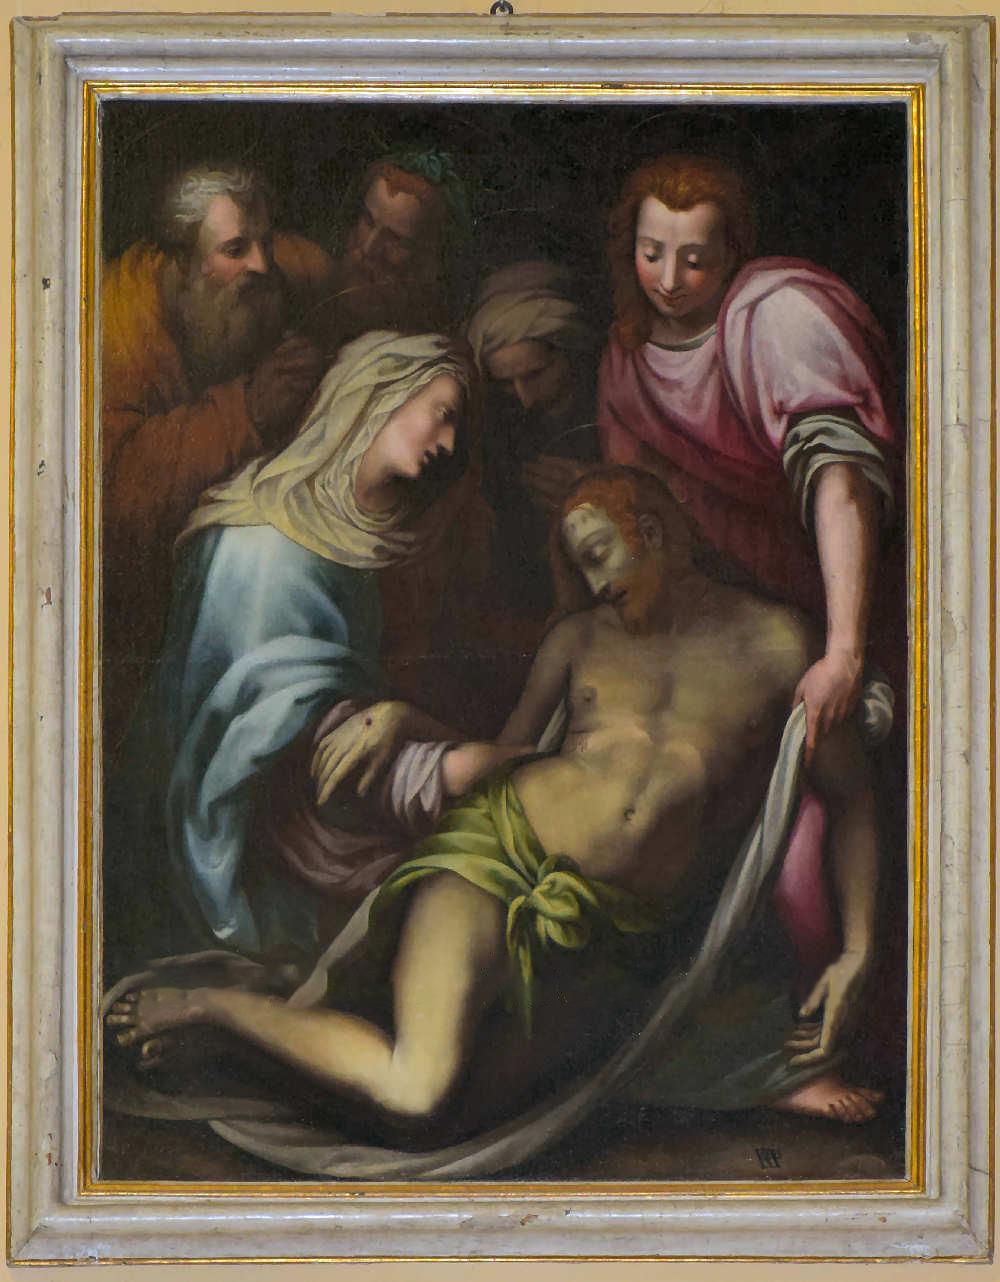 Francesco Morandini detto il Poppi, Compianto sul Cristo morto (1580-1590 circa; olio su tela, 140 x 100 cm; Poppi, Prepositura di San Marco)